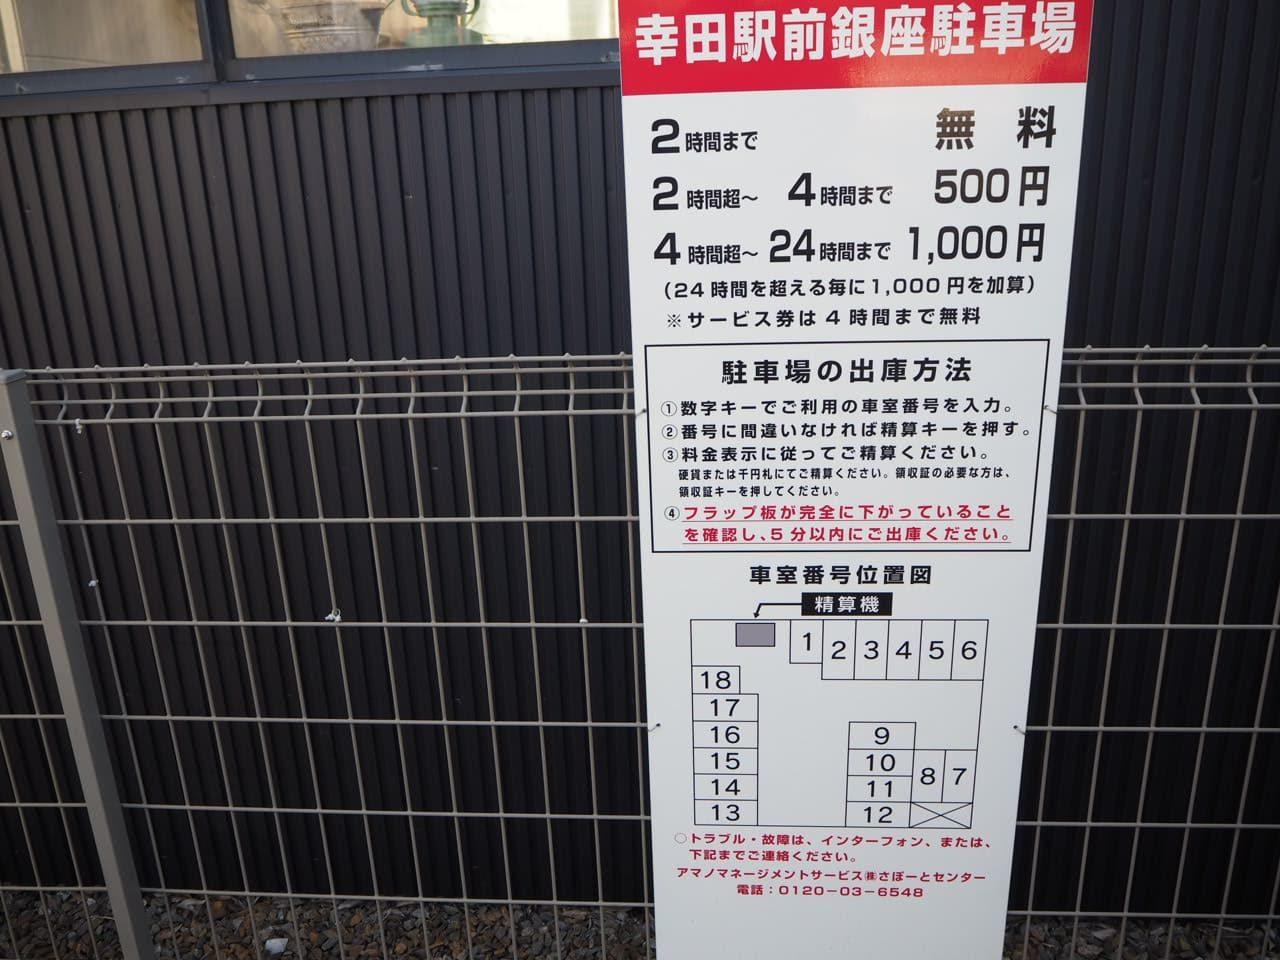 幸田駅前銀座の駐車場